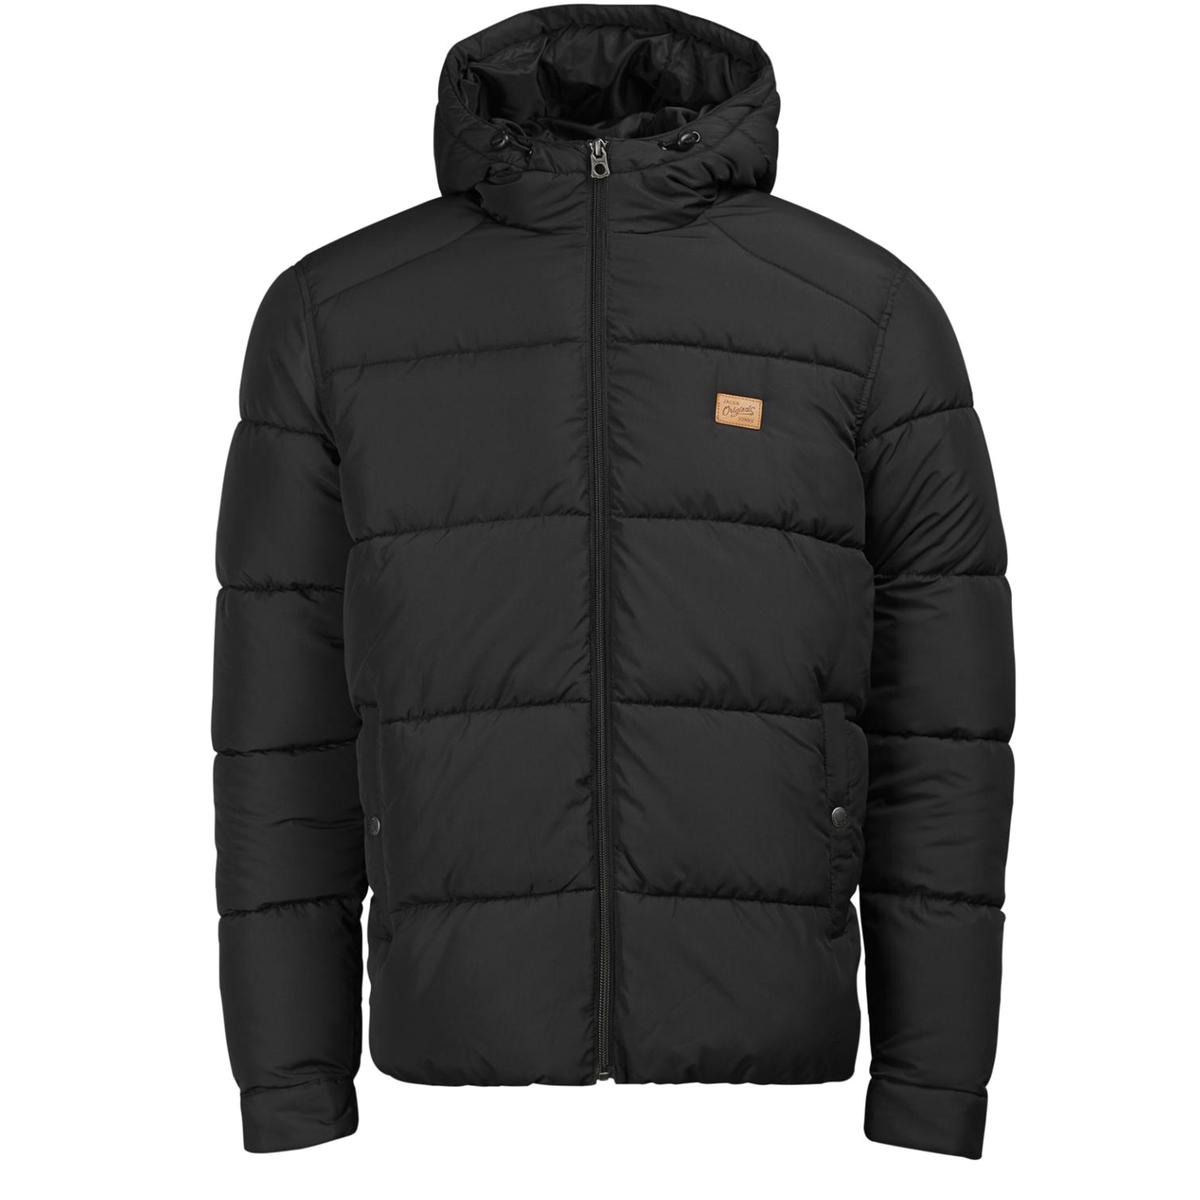 Стеганая куртка с капюшономСтеганая куртка с капюшоном JACK &amp; JONES. Прямой покрой, воротник стойка с капюшоном. Карманы по бокам. Вставки на плечах. Эластичный низ. Состав и описаниеМатериал: 100% полиэстерМарка: JACK &amp; JONES<br><br>Цвет: черный<br>Размер: L